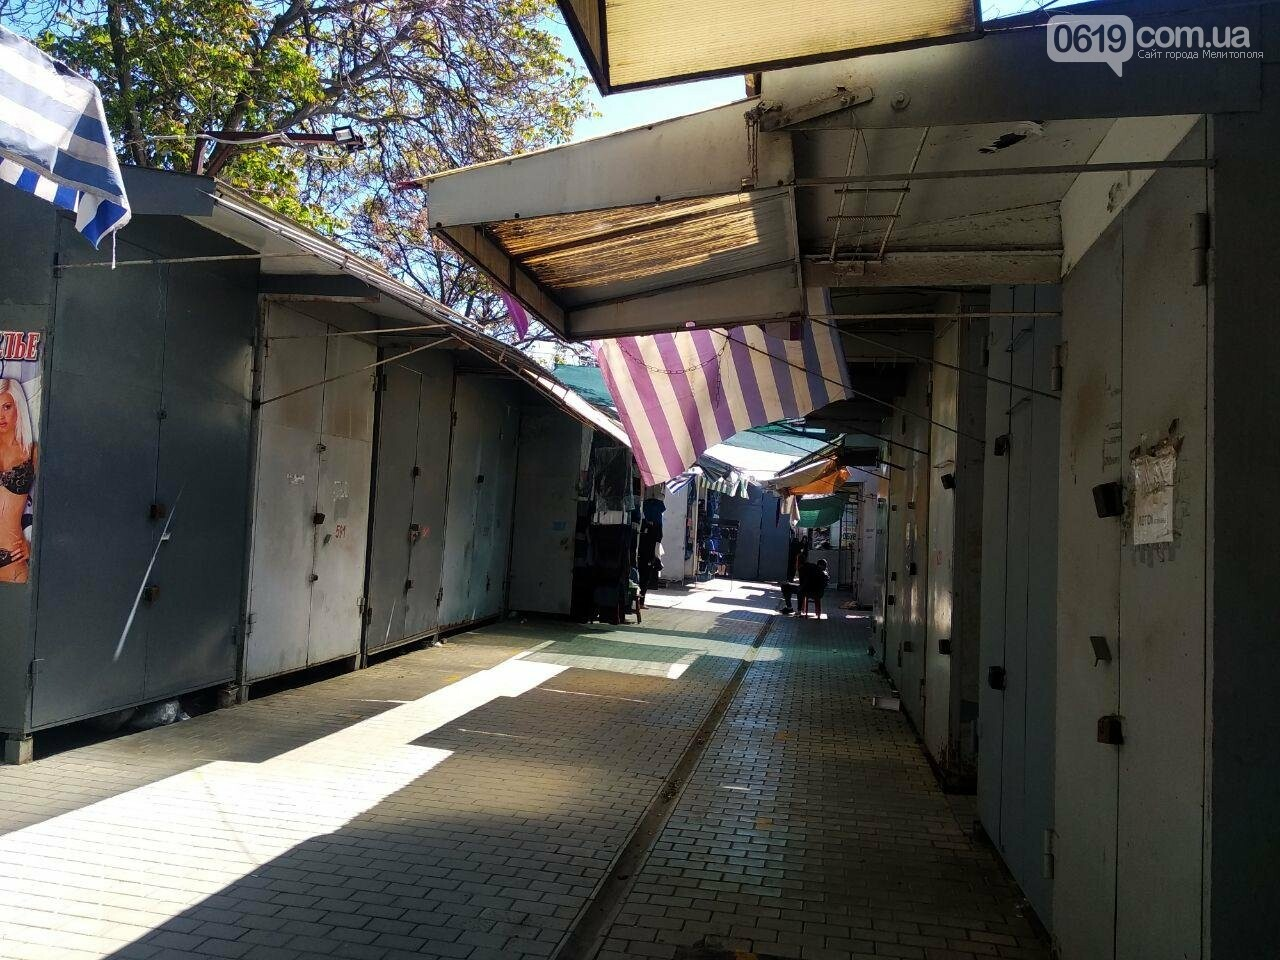 В Мелитополе начали работать вещевые рынки, фото-1